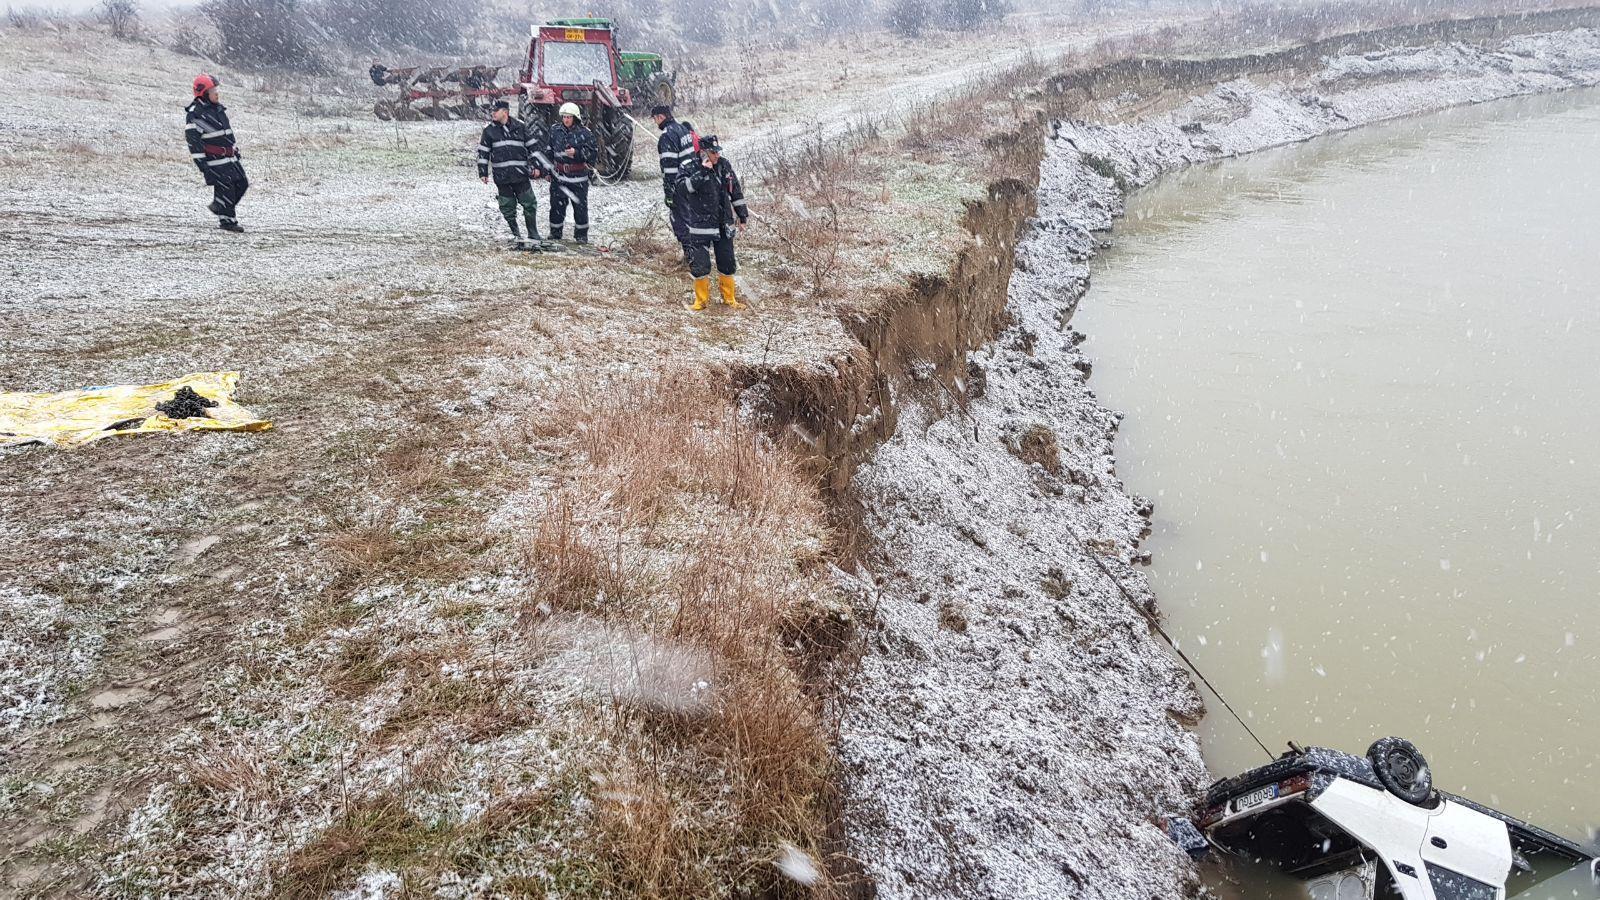 Un bărbat a plonjat cu maşina în râul Argeş. Fiul său, în vârstă de 13 ani, a murit   FOTO